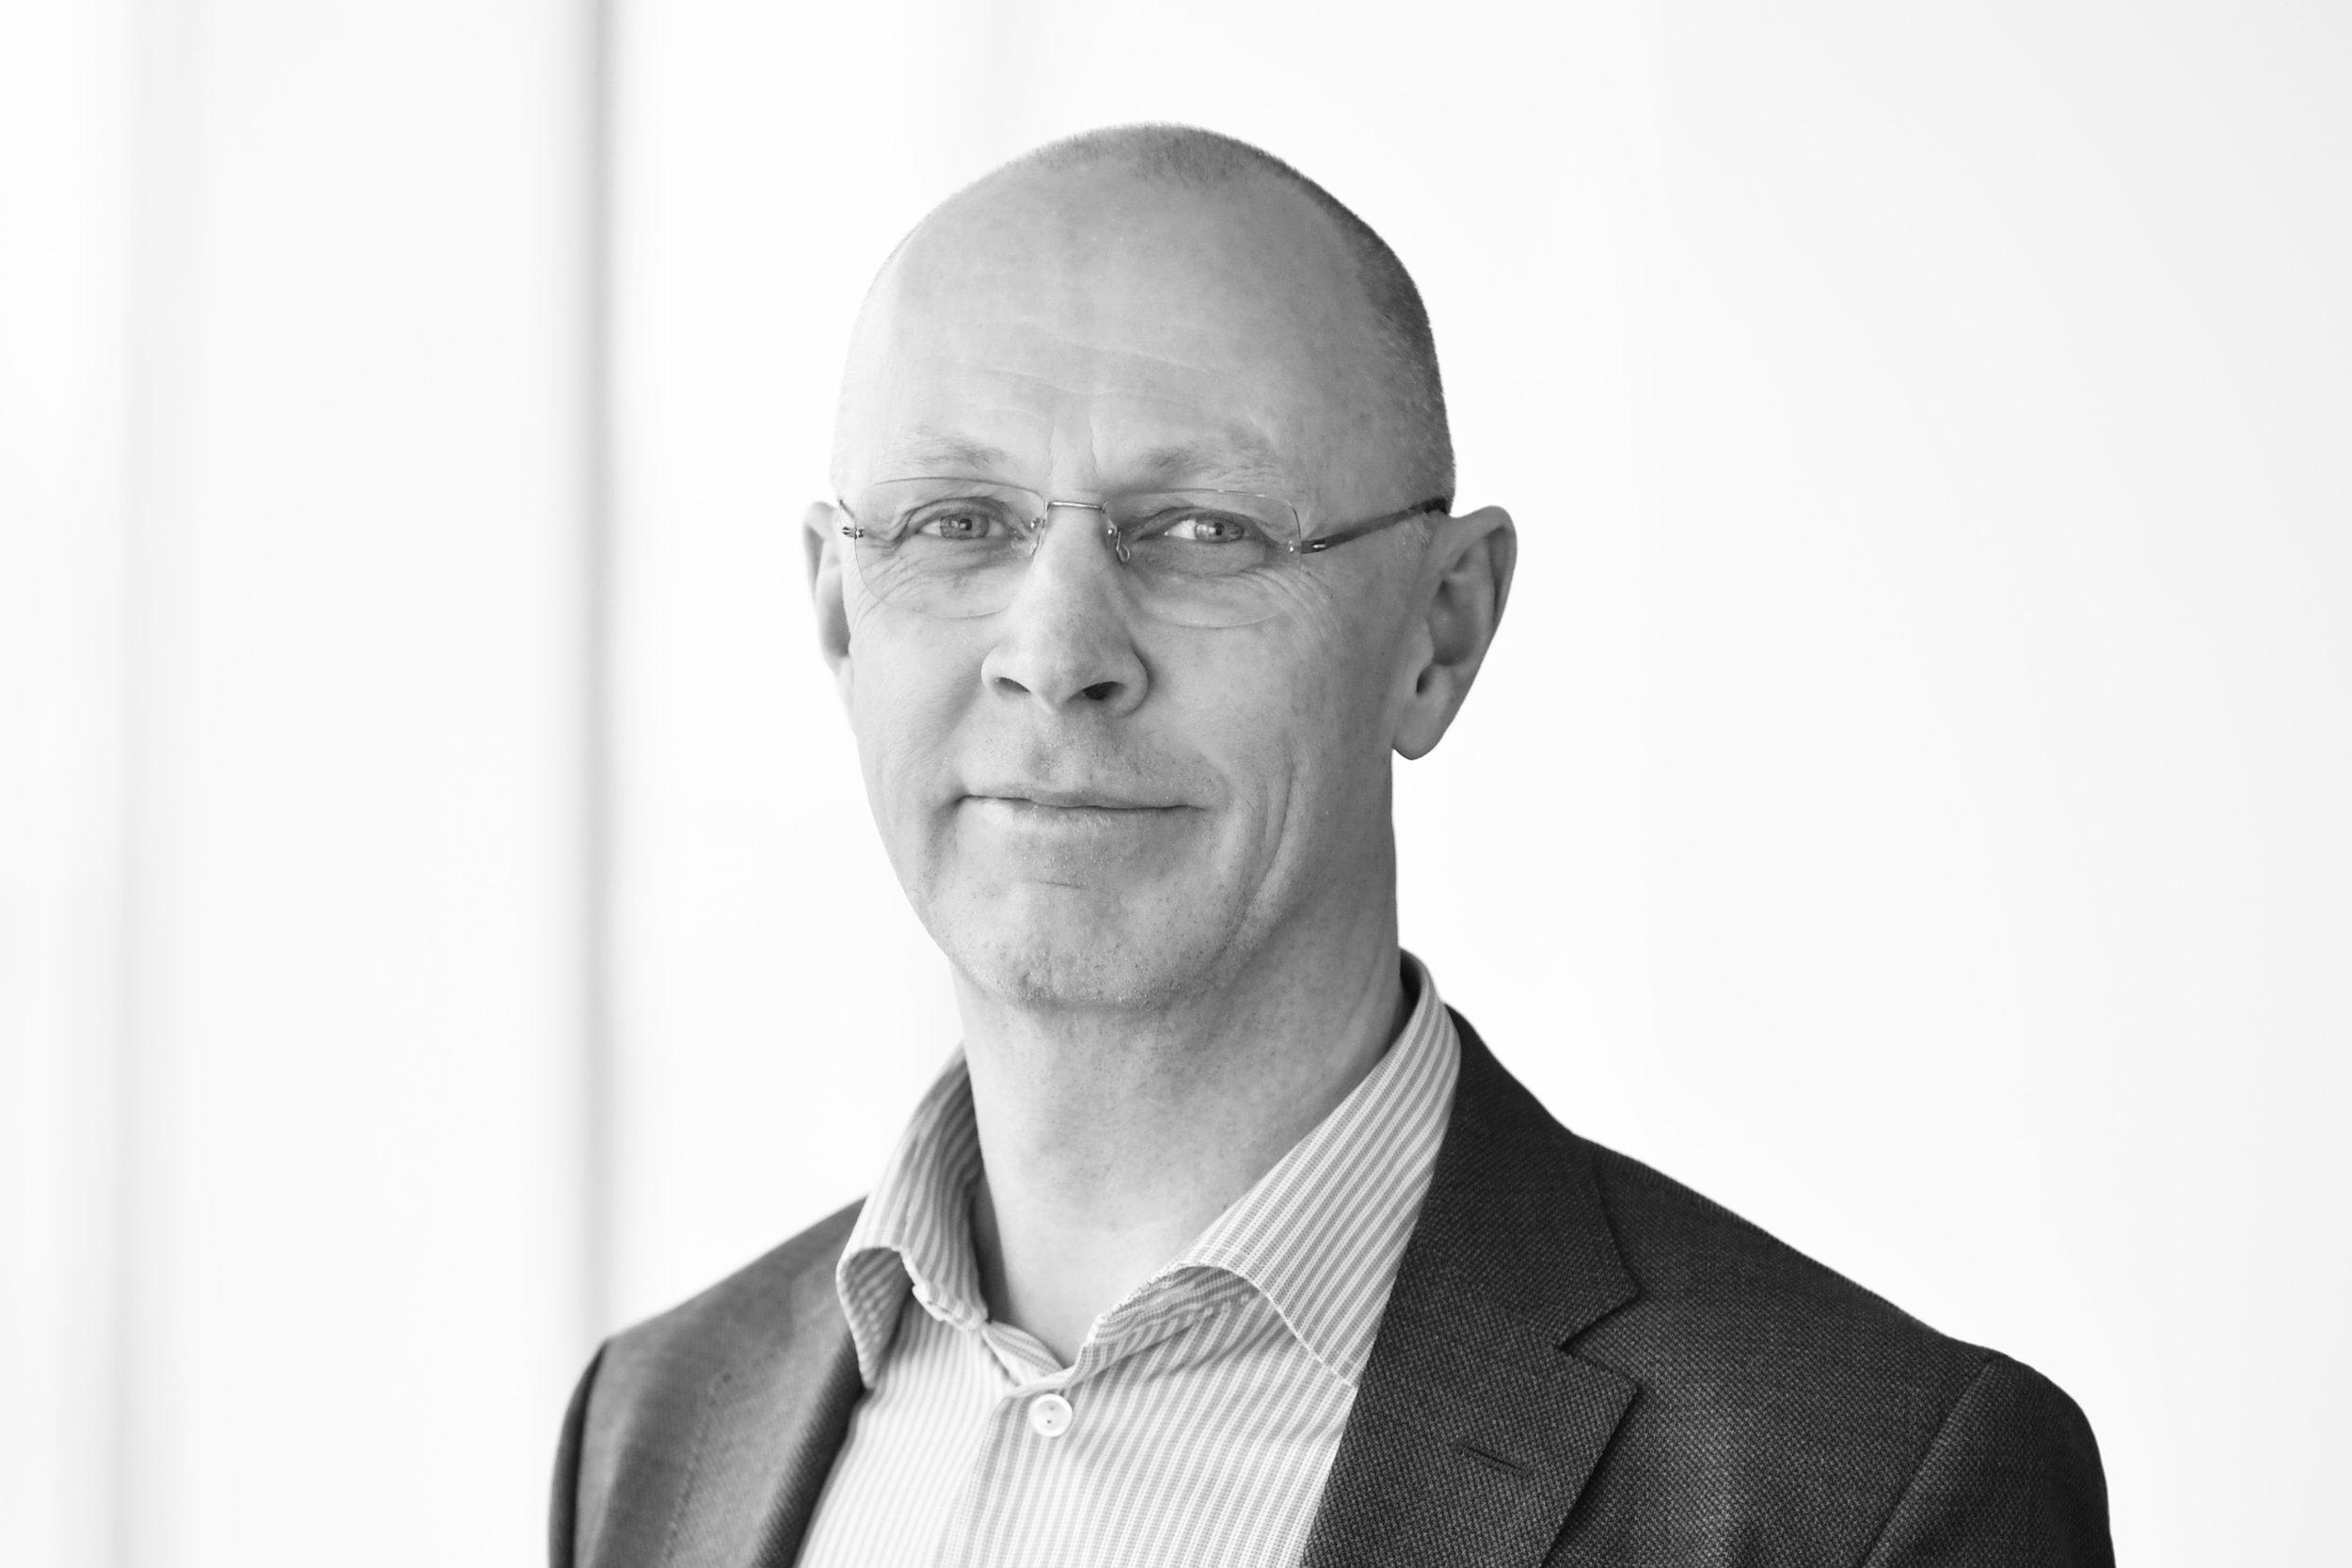 Lars - Lars Jarmstad /PartneriLarsilla on kansainvälinen IT- ja Asiantuntijapalveluiden tausta. Hän on toiminut ylimmän johdon tehtävissä mm. Capgemini-ryhmässä. Tehtävät ovat liittyneet eri liiketoiminta-alueiden johtamiseen, yritystoiminnan kehittämiseen ja myynnin ja markkinoinnin johtamiseen. Hänellä on myös laaja kokemus erilaisista konsulttitehtävistä Gemini Consultingin lisäksi Accenturessa sekä norjalaisessa boutique-konsulttiyrityksessä Bene Agere. Näissä yrityksissä hän on pääasiallisesti keskittynyt laajamittaisiin muutosohjelmiin ja kasvuun. Larsilla on MBA-tutkinto ja hän on myös opiskellut matematiikkaa ja fysiikkaa Lundin yliopistossa..+46 (0)70 521 40 19 /lars.jarmstad@nordicinterim.com